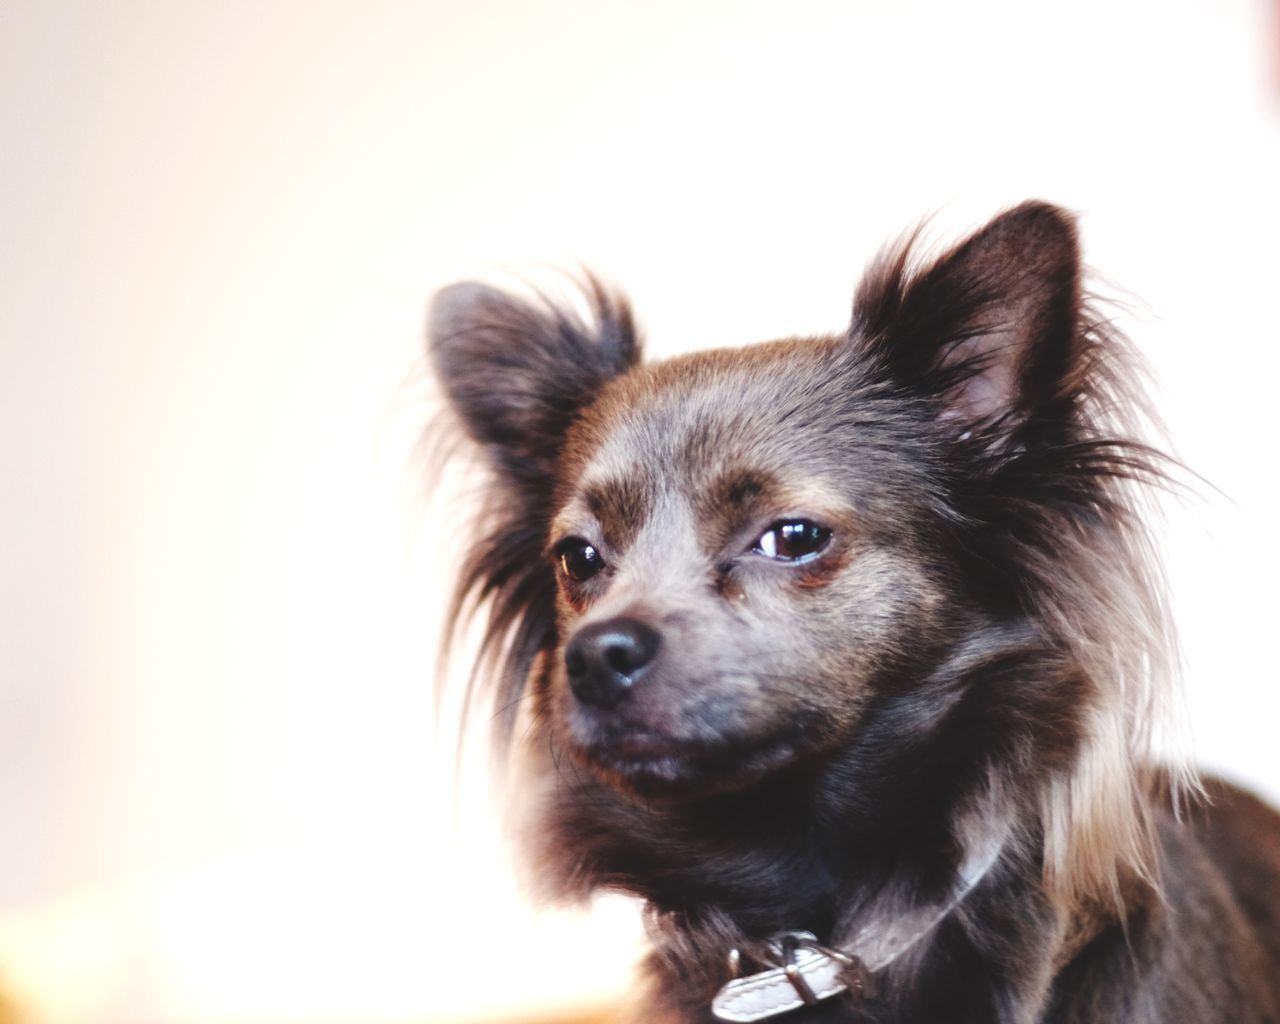 Doubtful Sceptic Sceptical Suspicious Dog Distrust